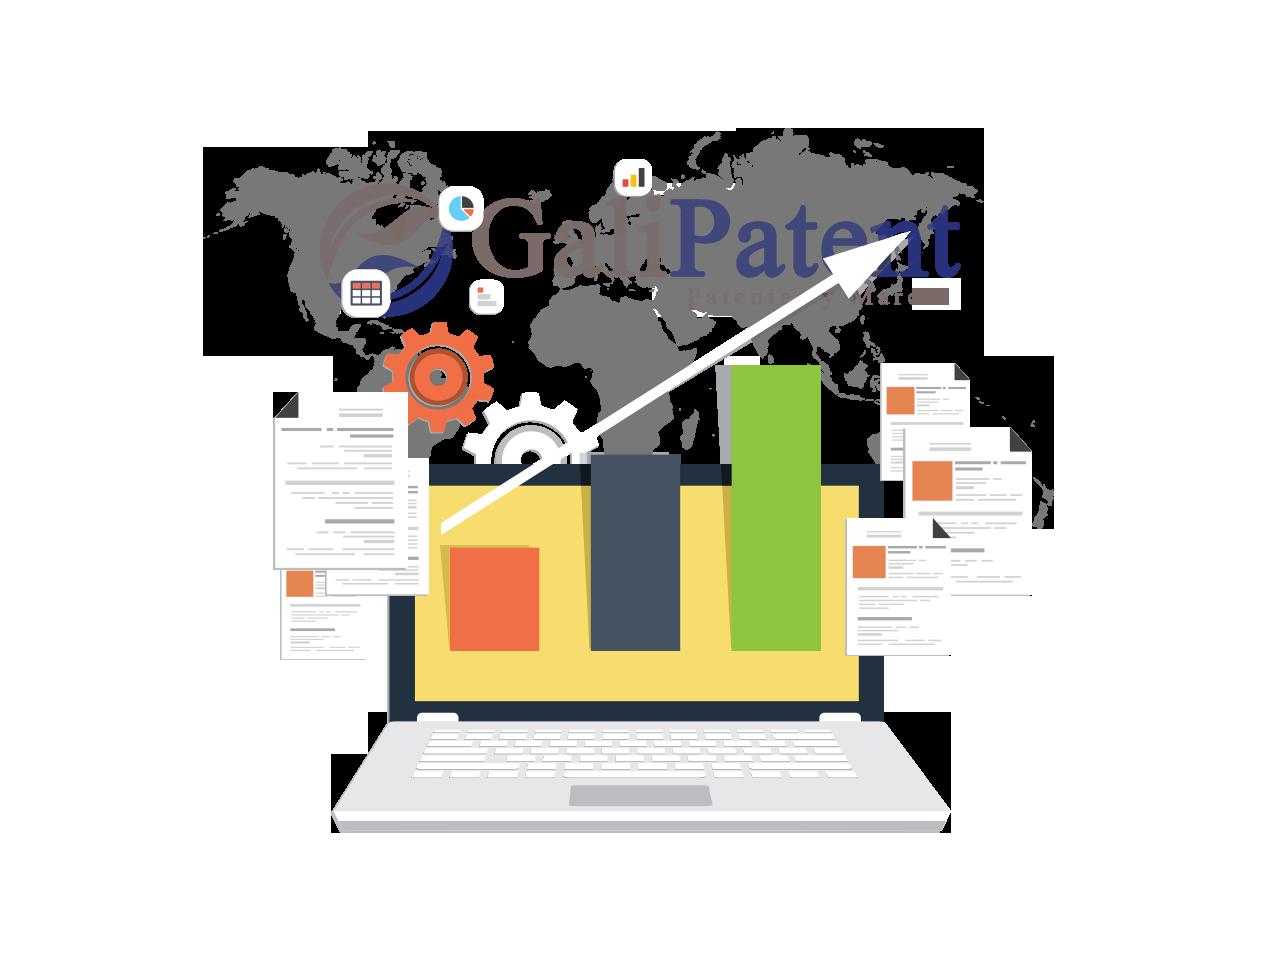 Propiedad industrial oficina de marcas y patentes en a coru a patentes y marcas a coru a vigo - Oficina patentes y marcas ...